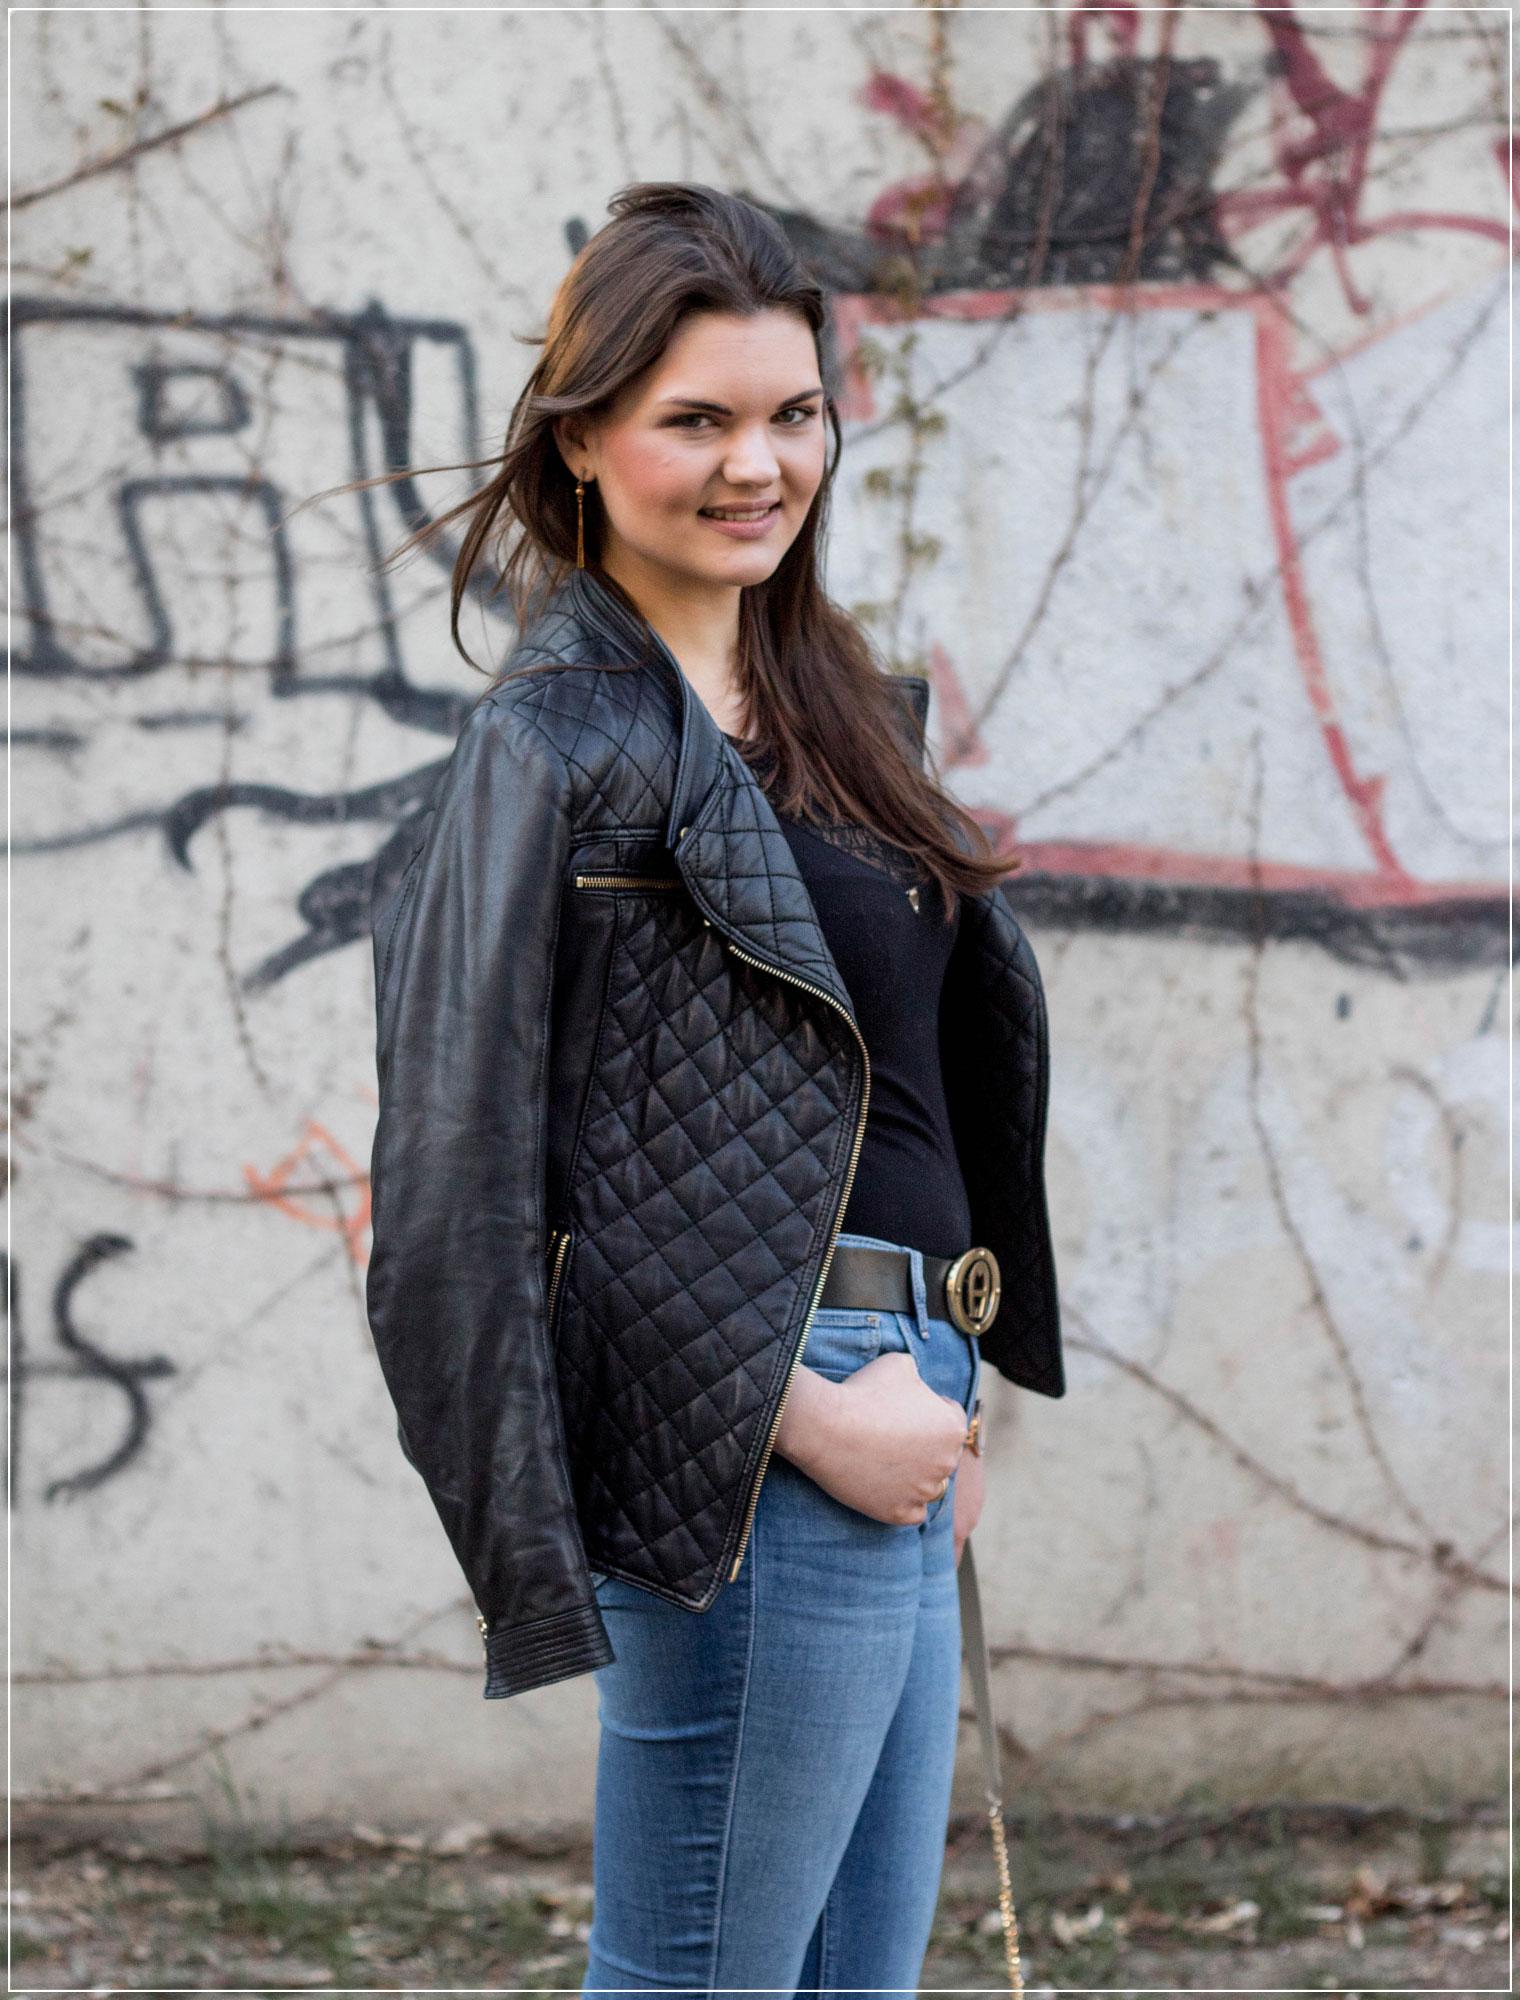 Uebergangsjacken, Trenchcoat, Lederjacken, Front-Pocket-Jacken, Fruehlingsoutfit, Modetrends, Fashion, Modeblog, Ruhrgebiet, Bloggerin, Fashionblog